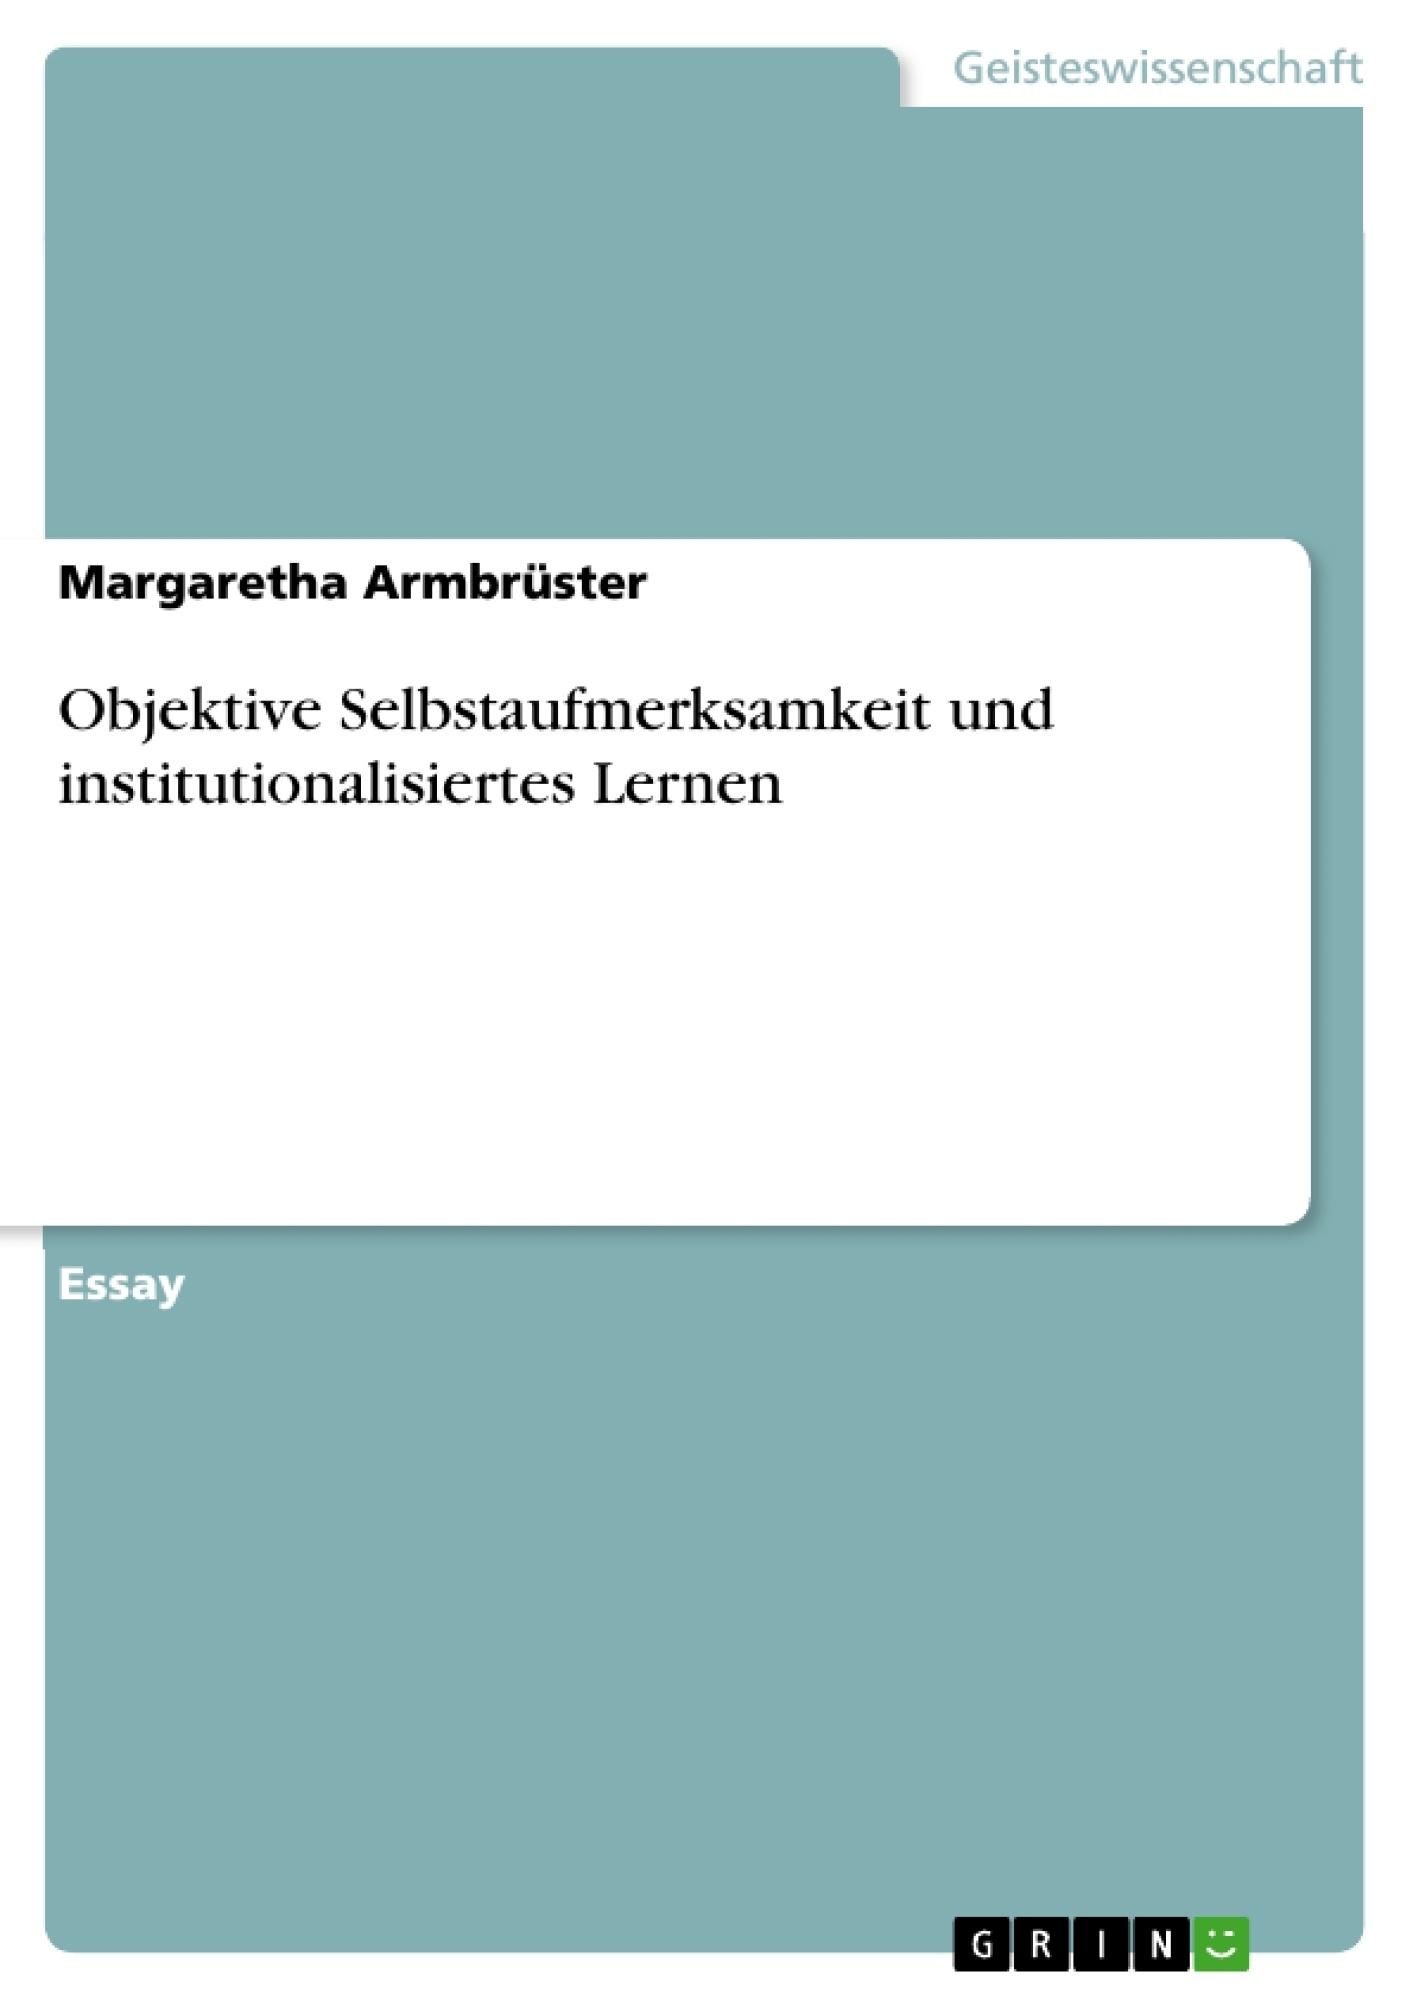 Titel: Objektive Selbstaufmerksamkeit und institutionalisiertes Lernen